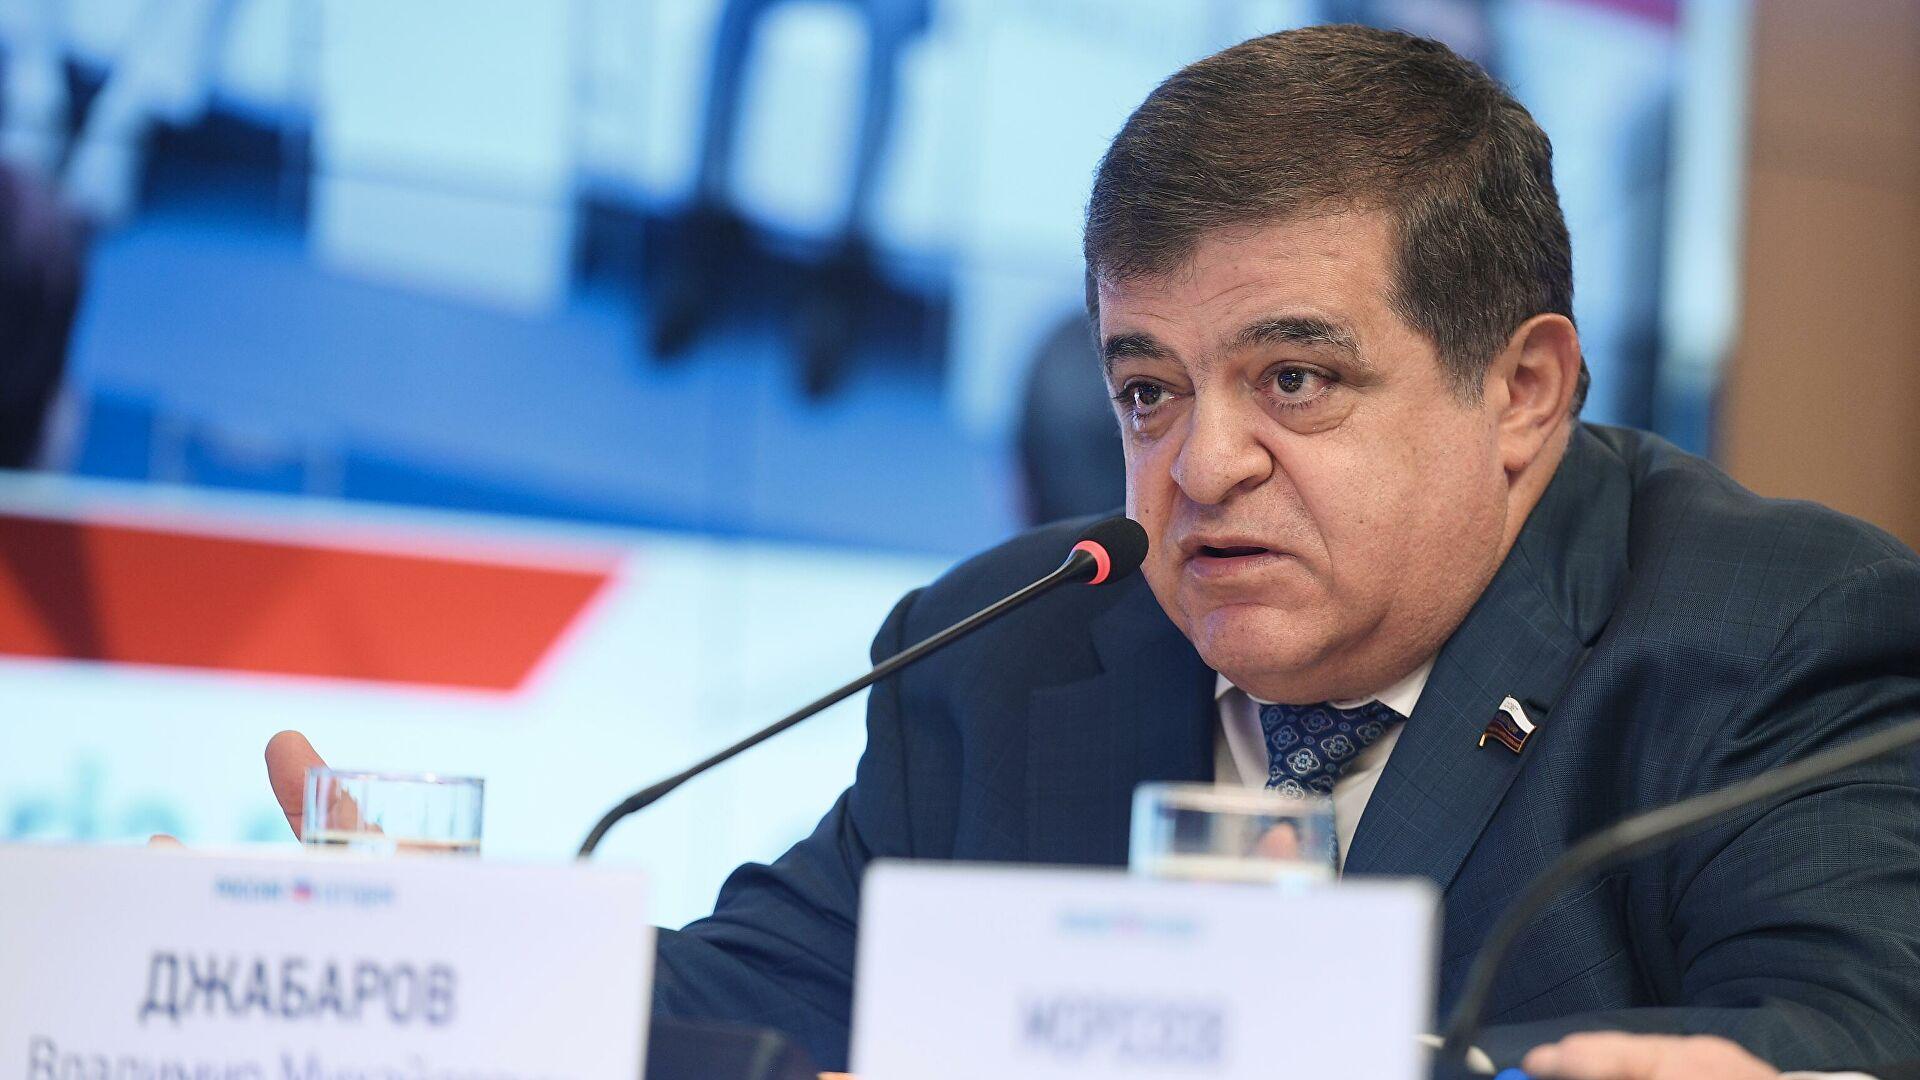 Џабаров: Русија мора оштро одговорити на америчке санкције